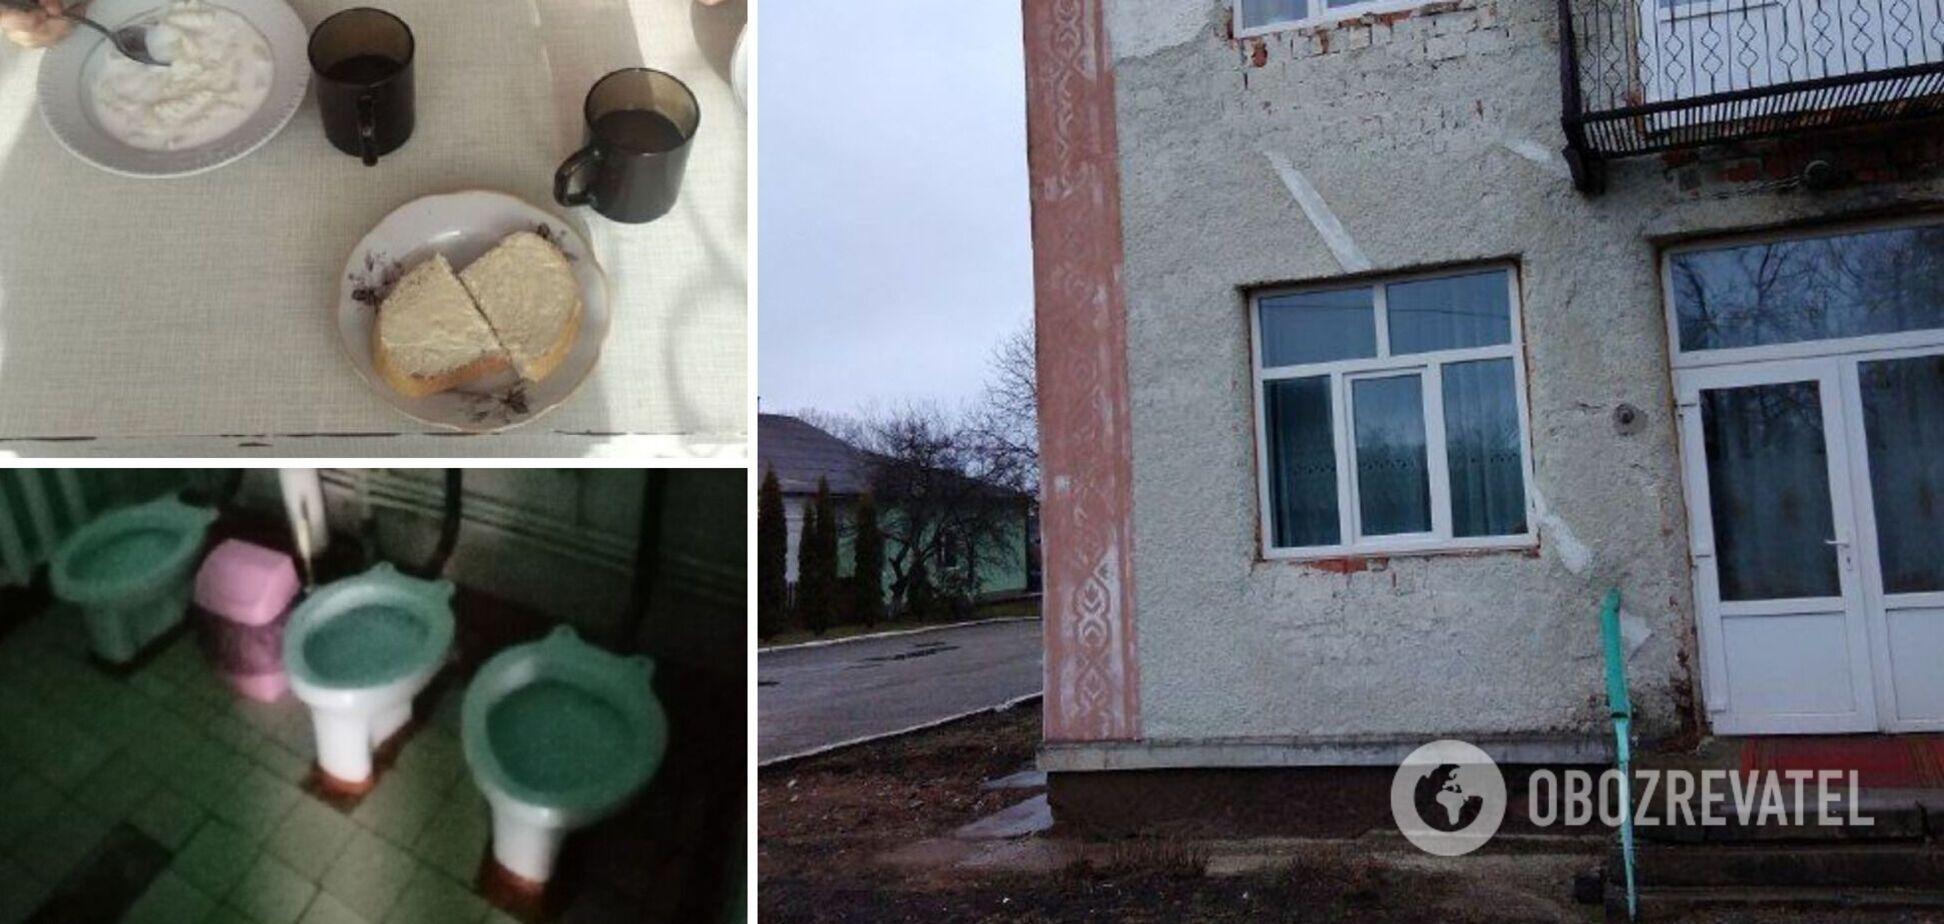 На Тернопольщине детсад оказался в центре скандала: детей плохо кормят, а в здании нет воды